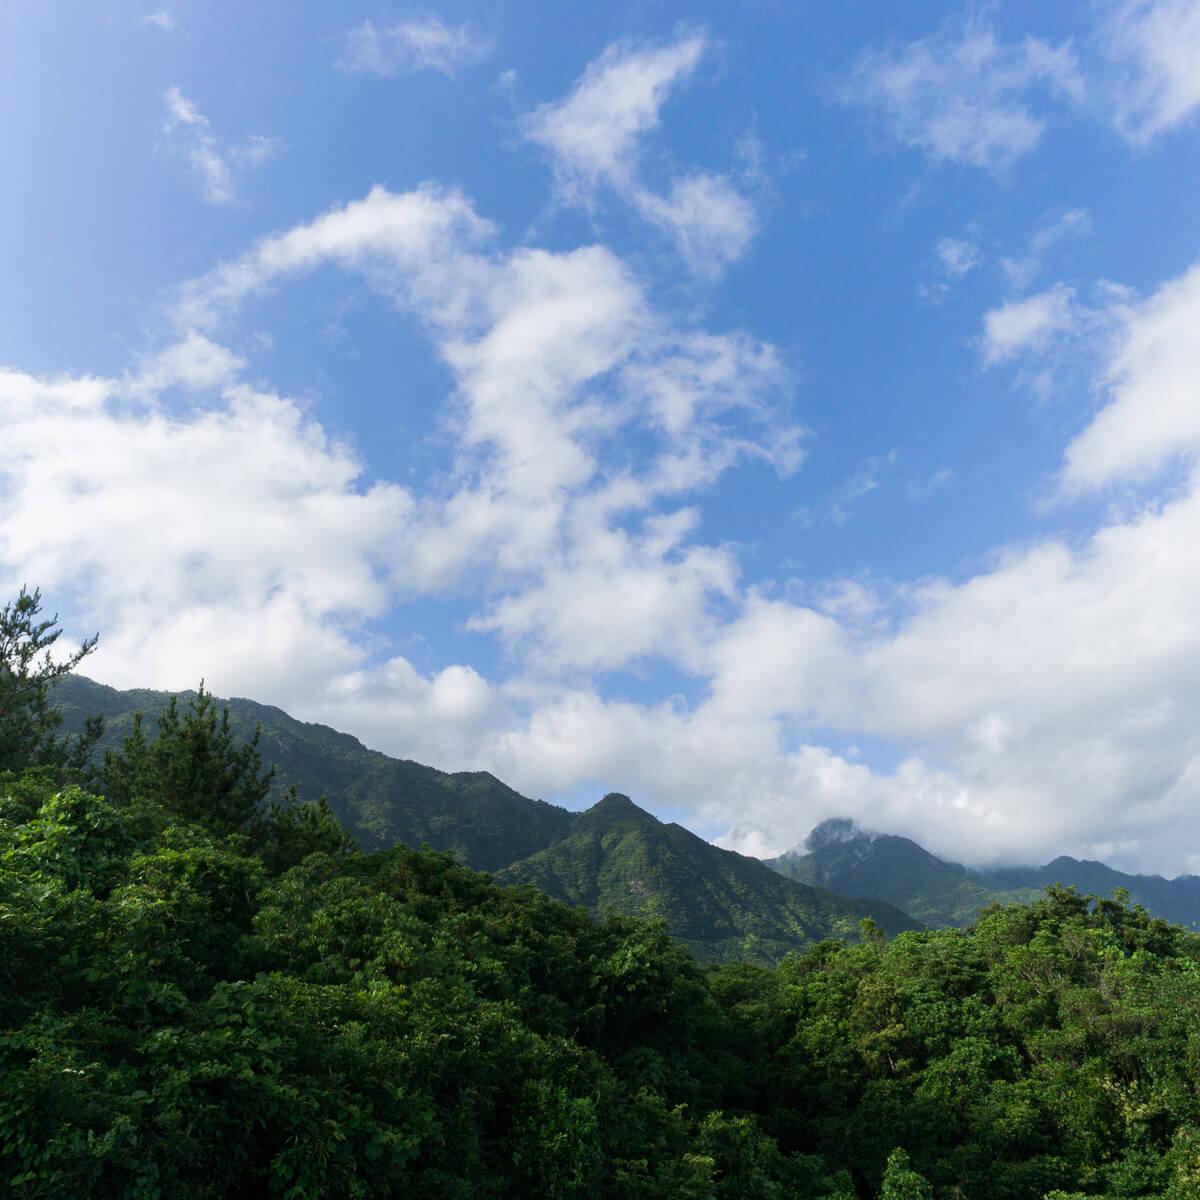 屋久島の山々、青空 屋久島山とジュエリー オーダーメイドジュエリーのモチーフ